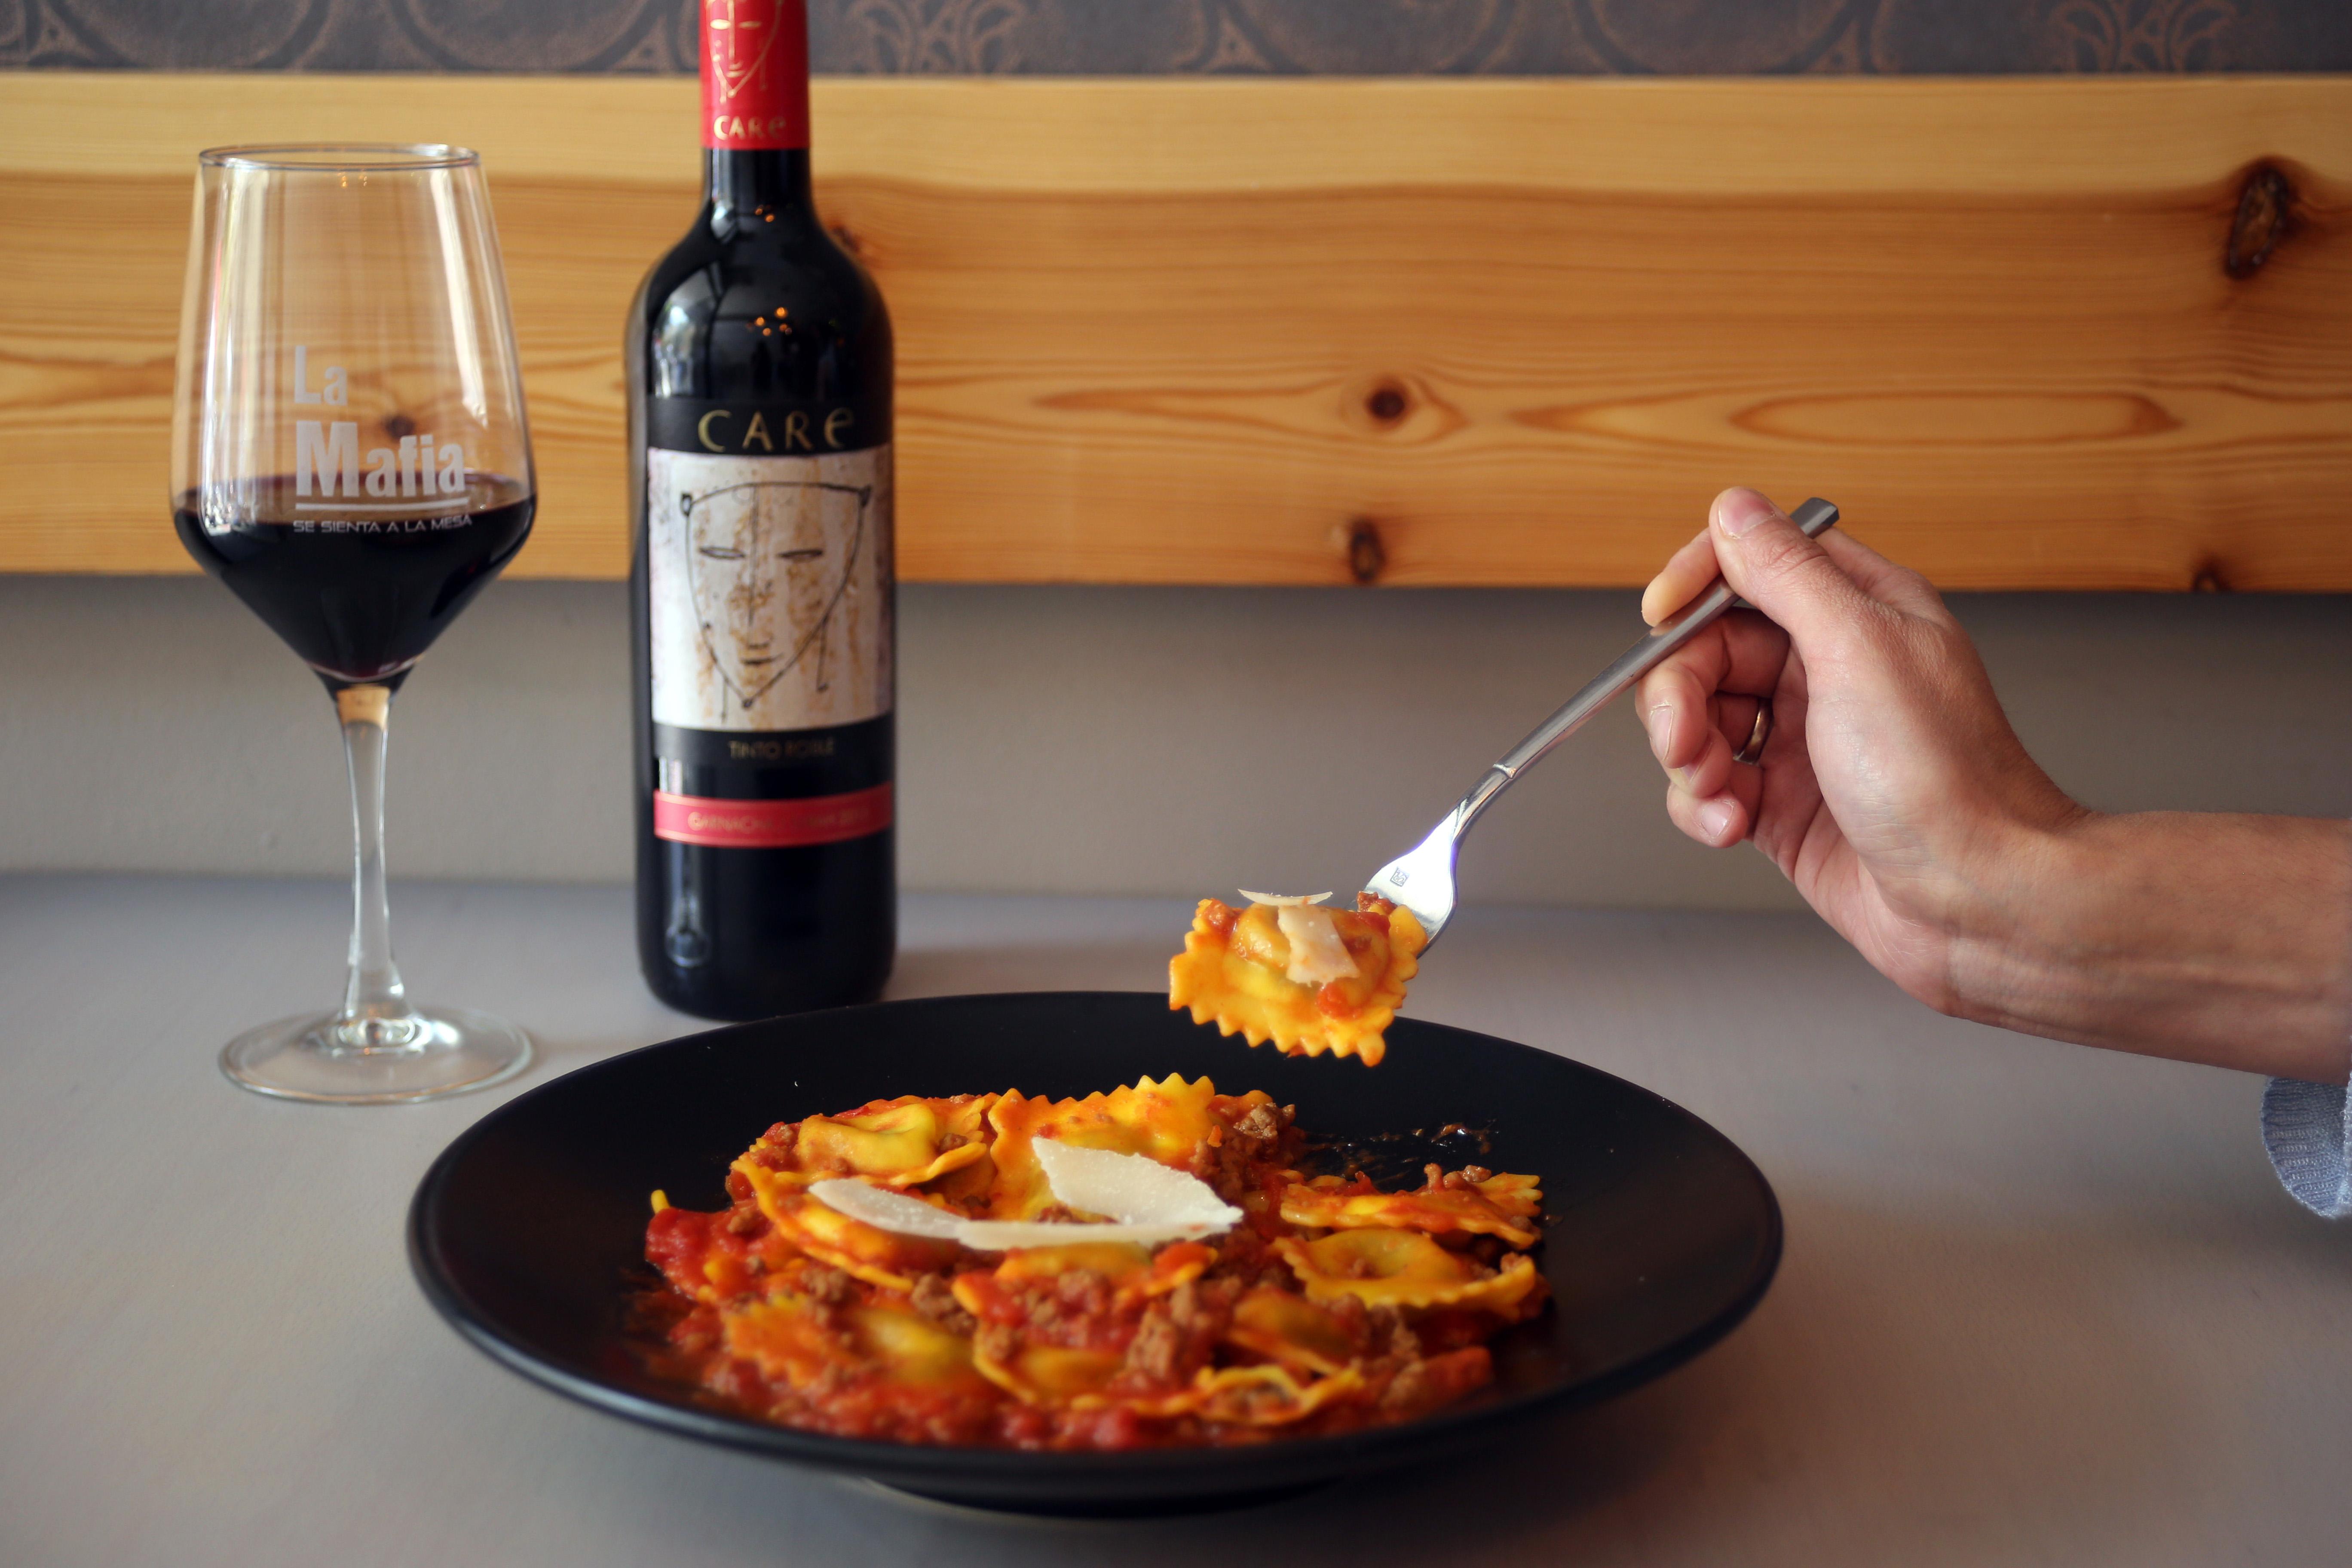 IMG 3158 - Este vino, ¿necesita enfriador?